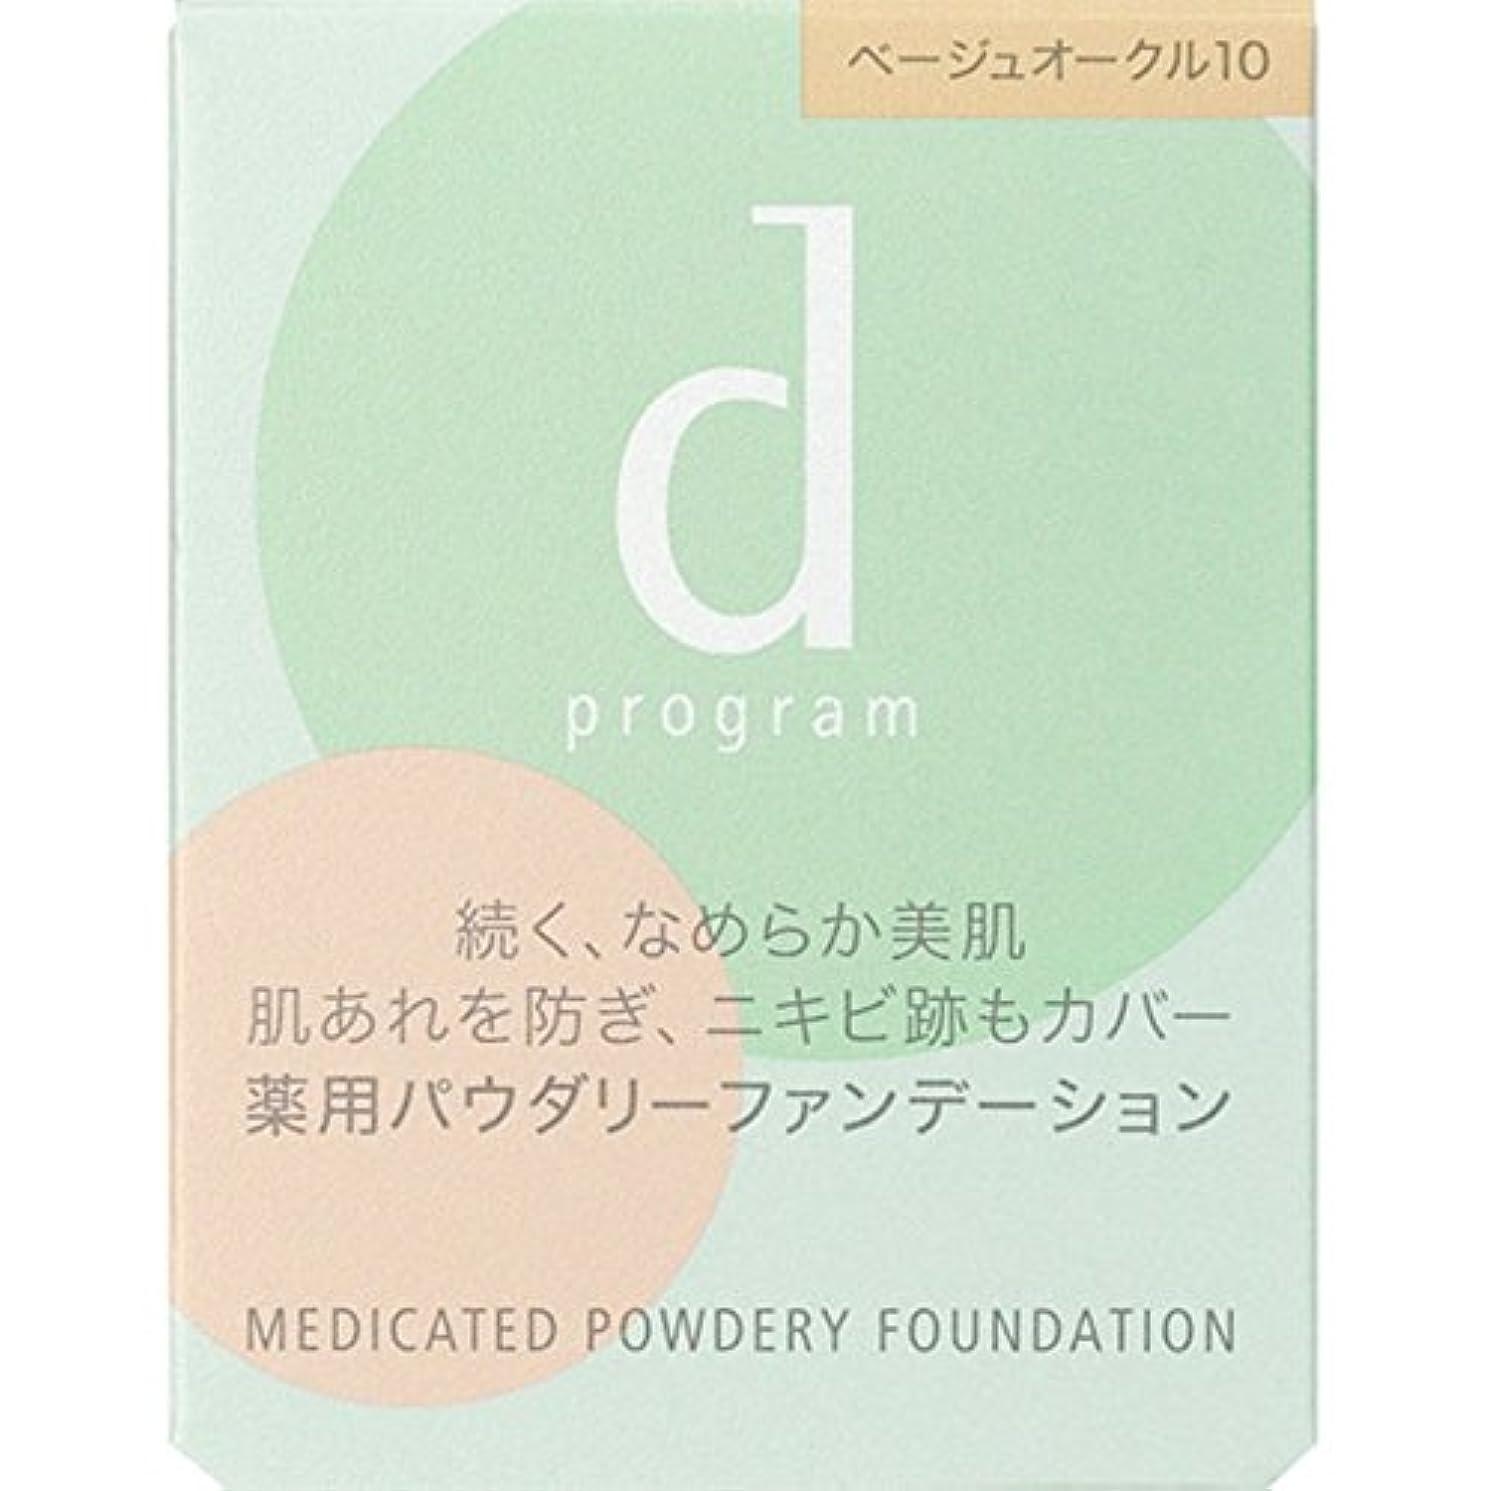 より二層母性dプログラム メディケイテッド パウダリーファンデーション ベージュオークル10